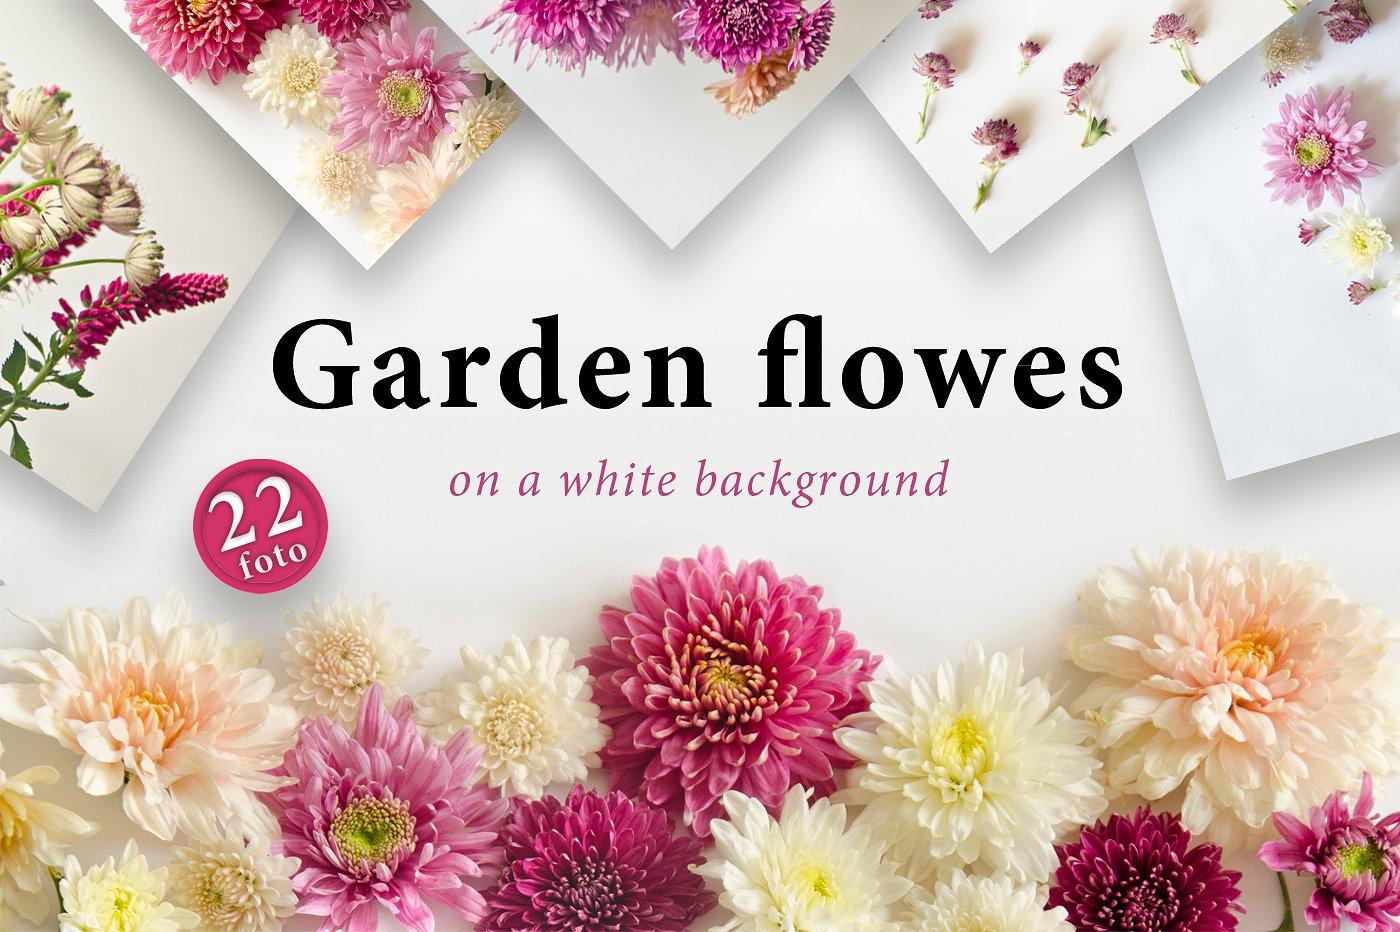 22款庭院花照片集合 Garden Flowers.22 Foto插图